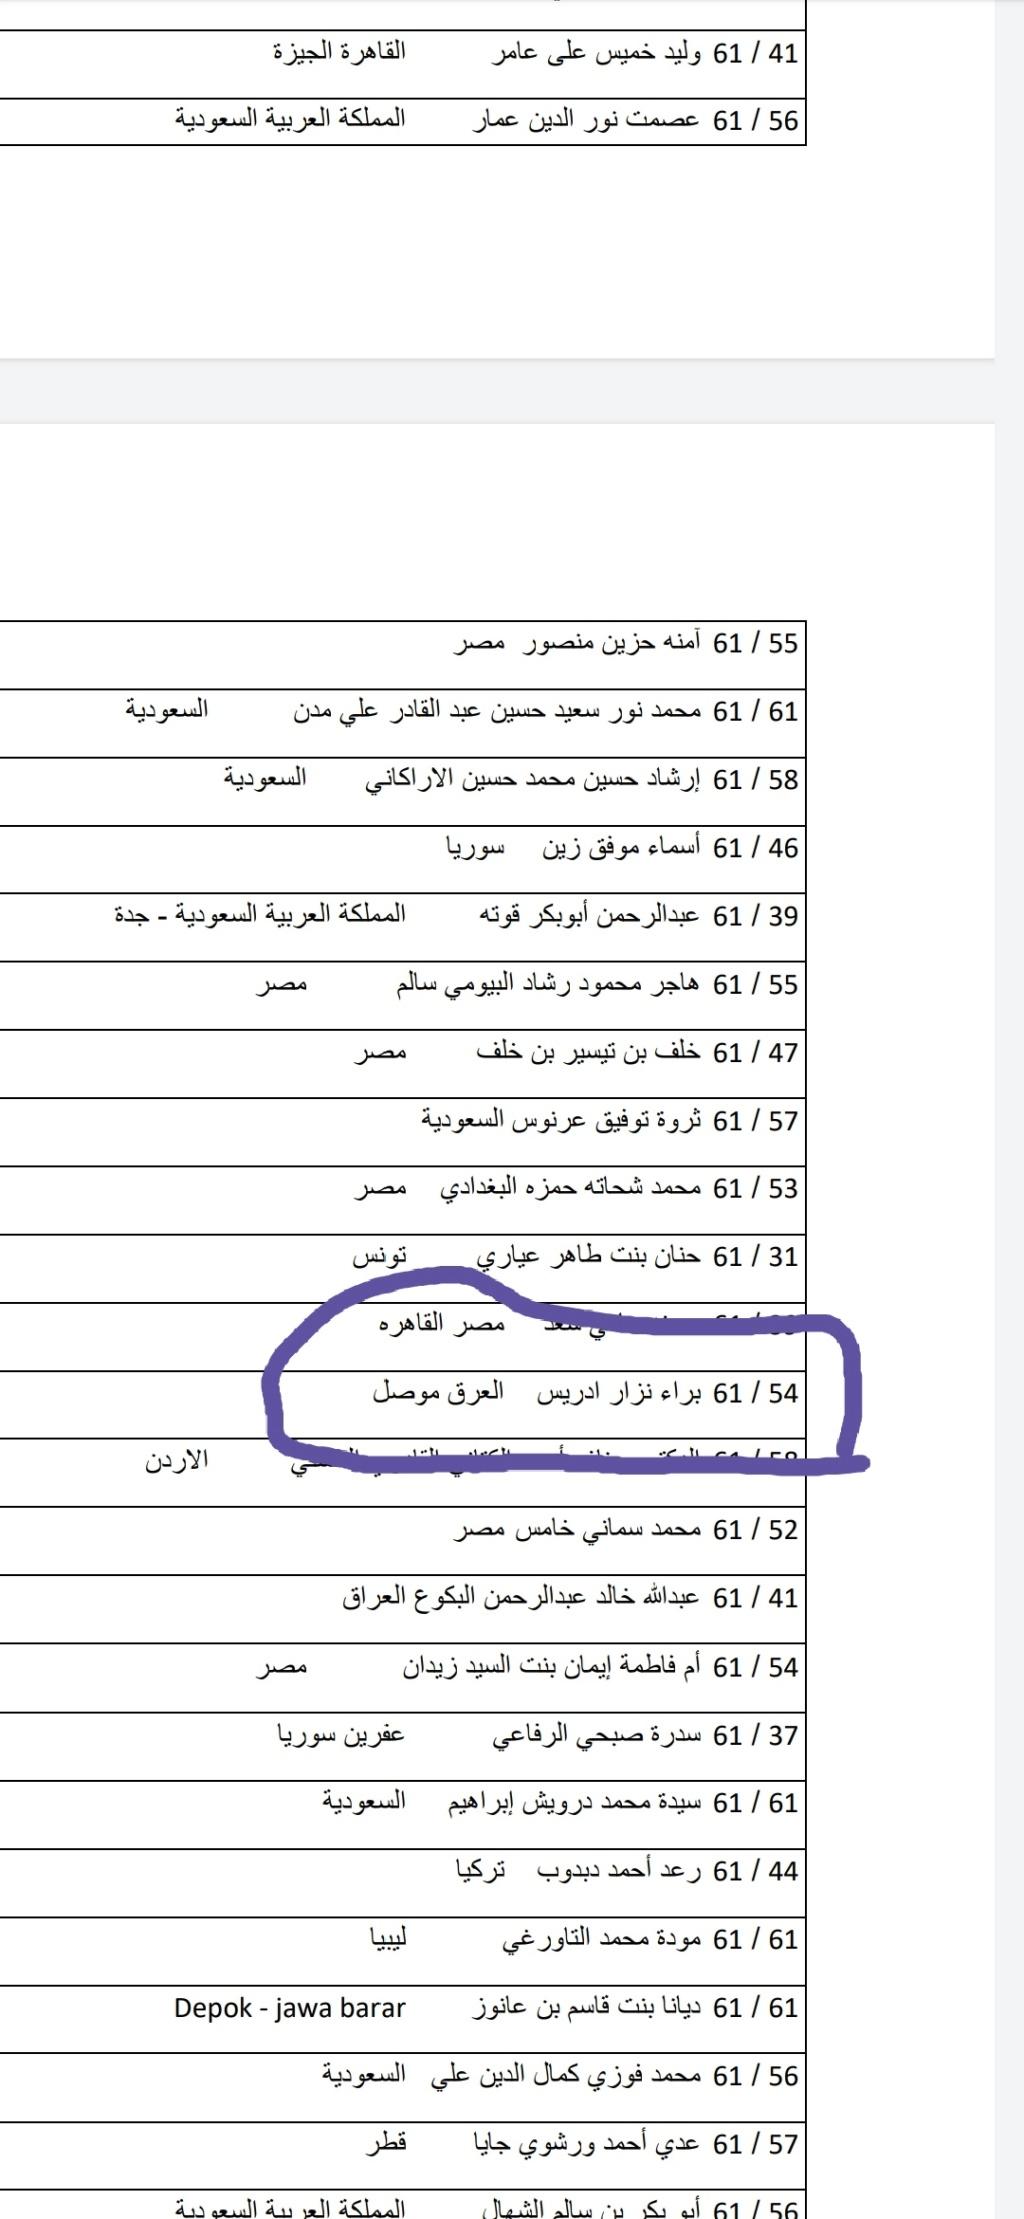 أسماء تم إضافتهم للإجازات الخاصة بمنظومة تحفة الأطفال  - صفحة 3 Screen13